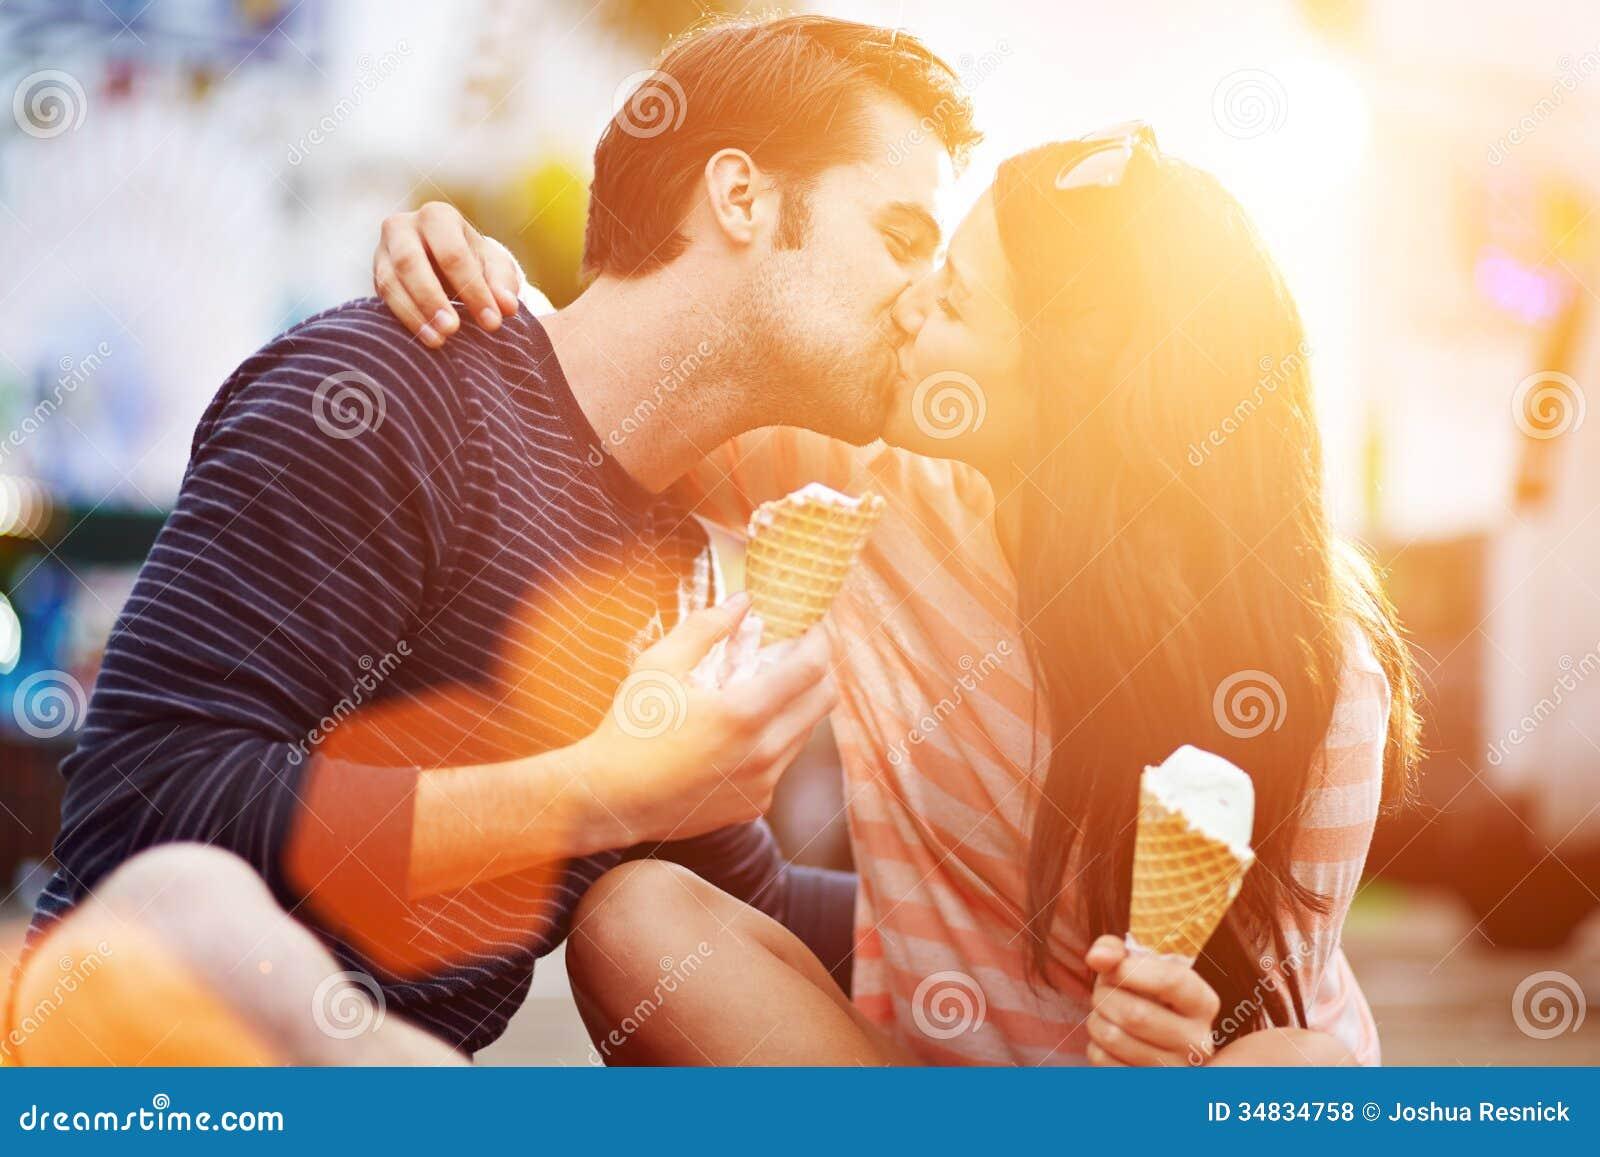 Romantisch paar dat terwijl het houden van roomijs kust